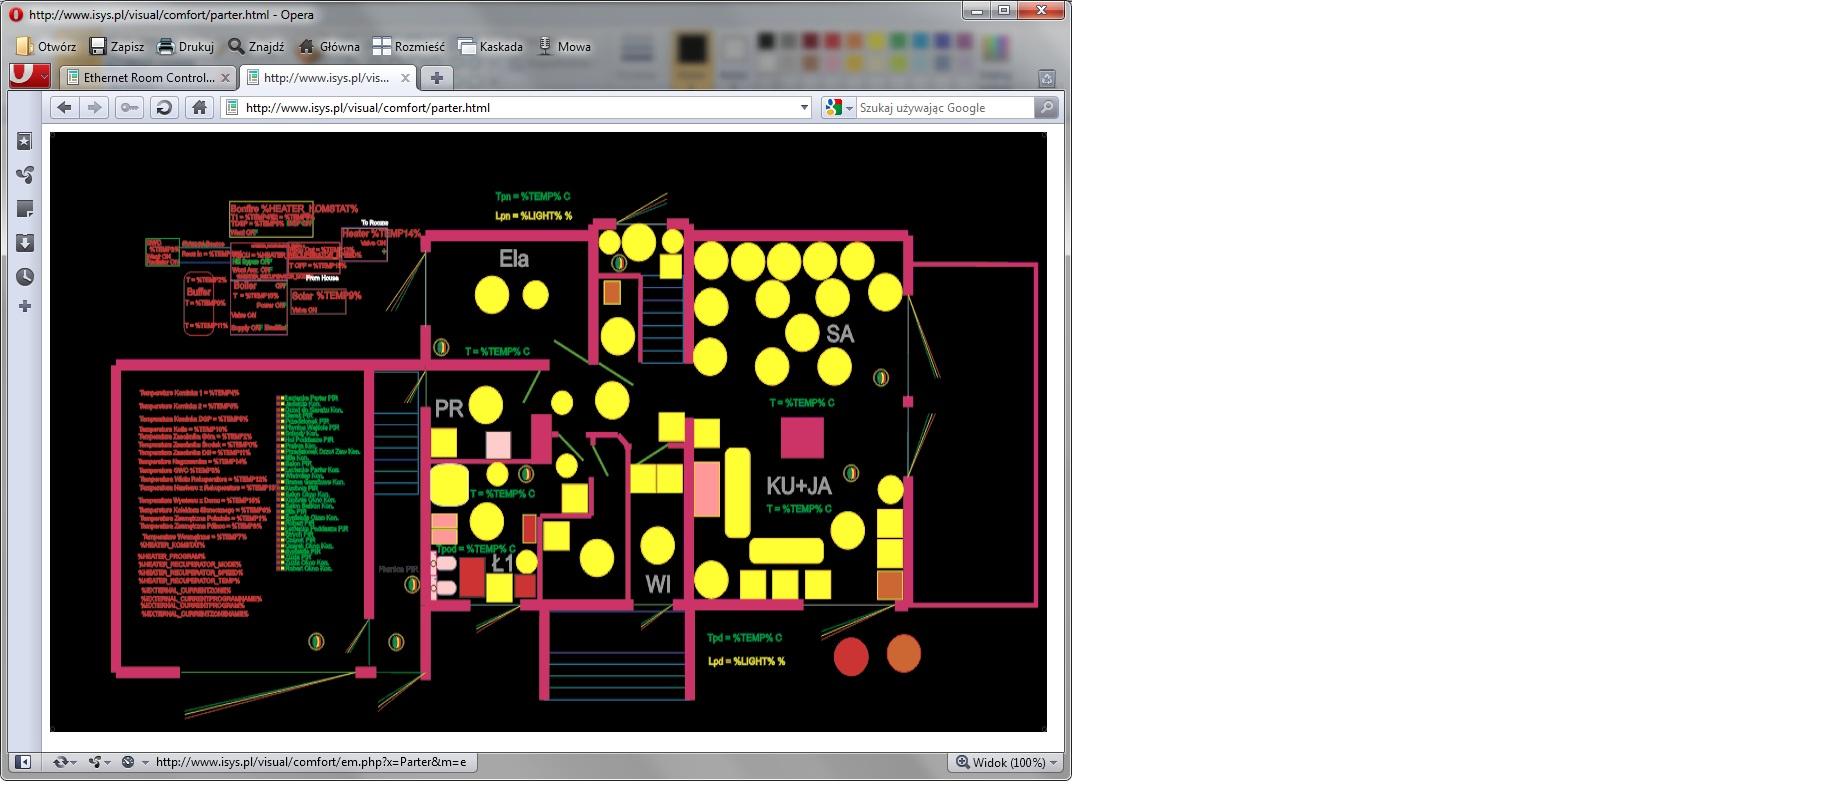 eHouse bahay pag-aautomat control gusali na may isang www browser (Mapa HTML) na bersyon ng kaginhawahan para sa parehong proyekto